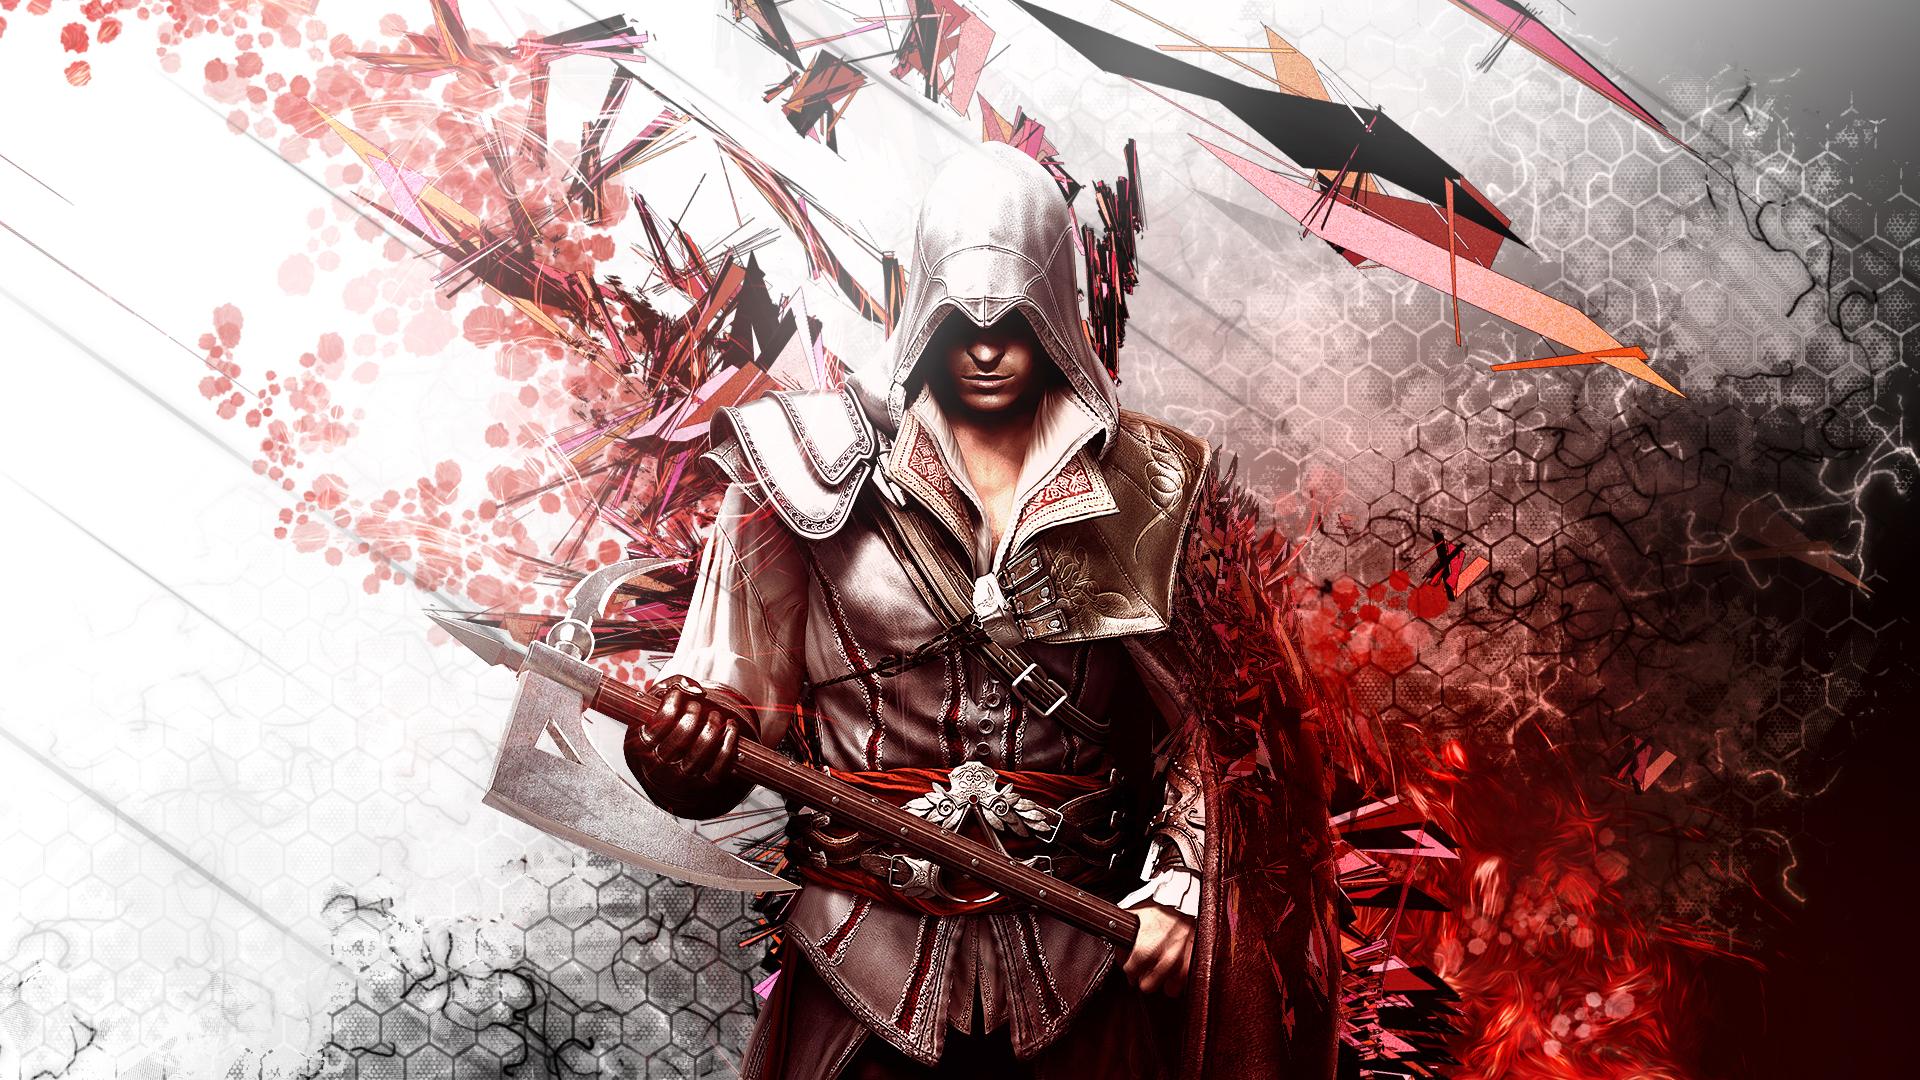 Assassin's Creed presenta lo mejor de su música en nuevo álbum